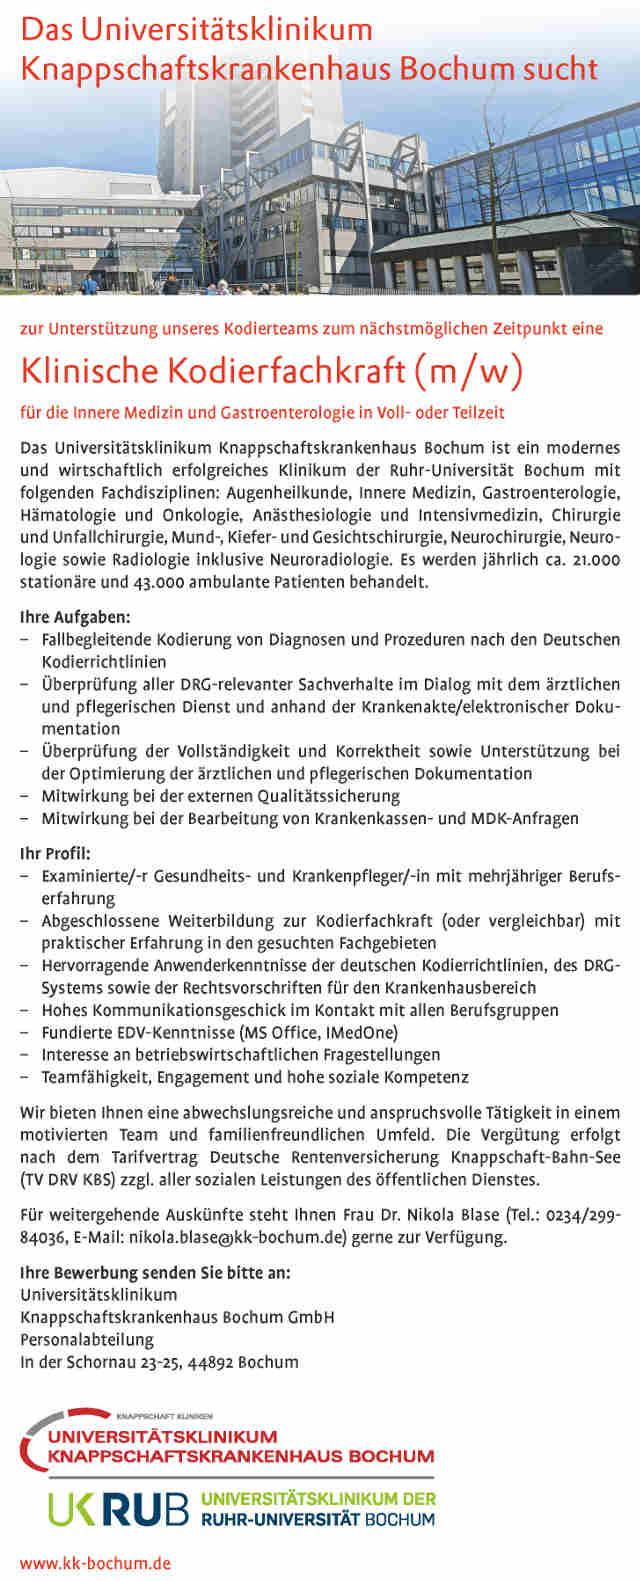 klinische kodierfachkraft universittsklinikum knappschaftskrankenhaus bochum mydrg forum medizincontrolling kodierung krankenhausabrechnung - Uni Bochum Bewerbung